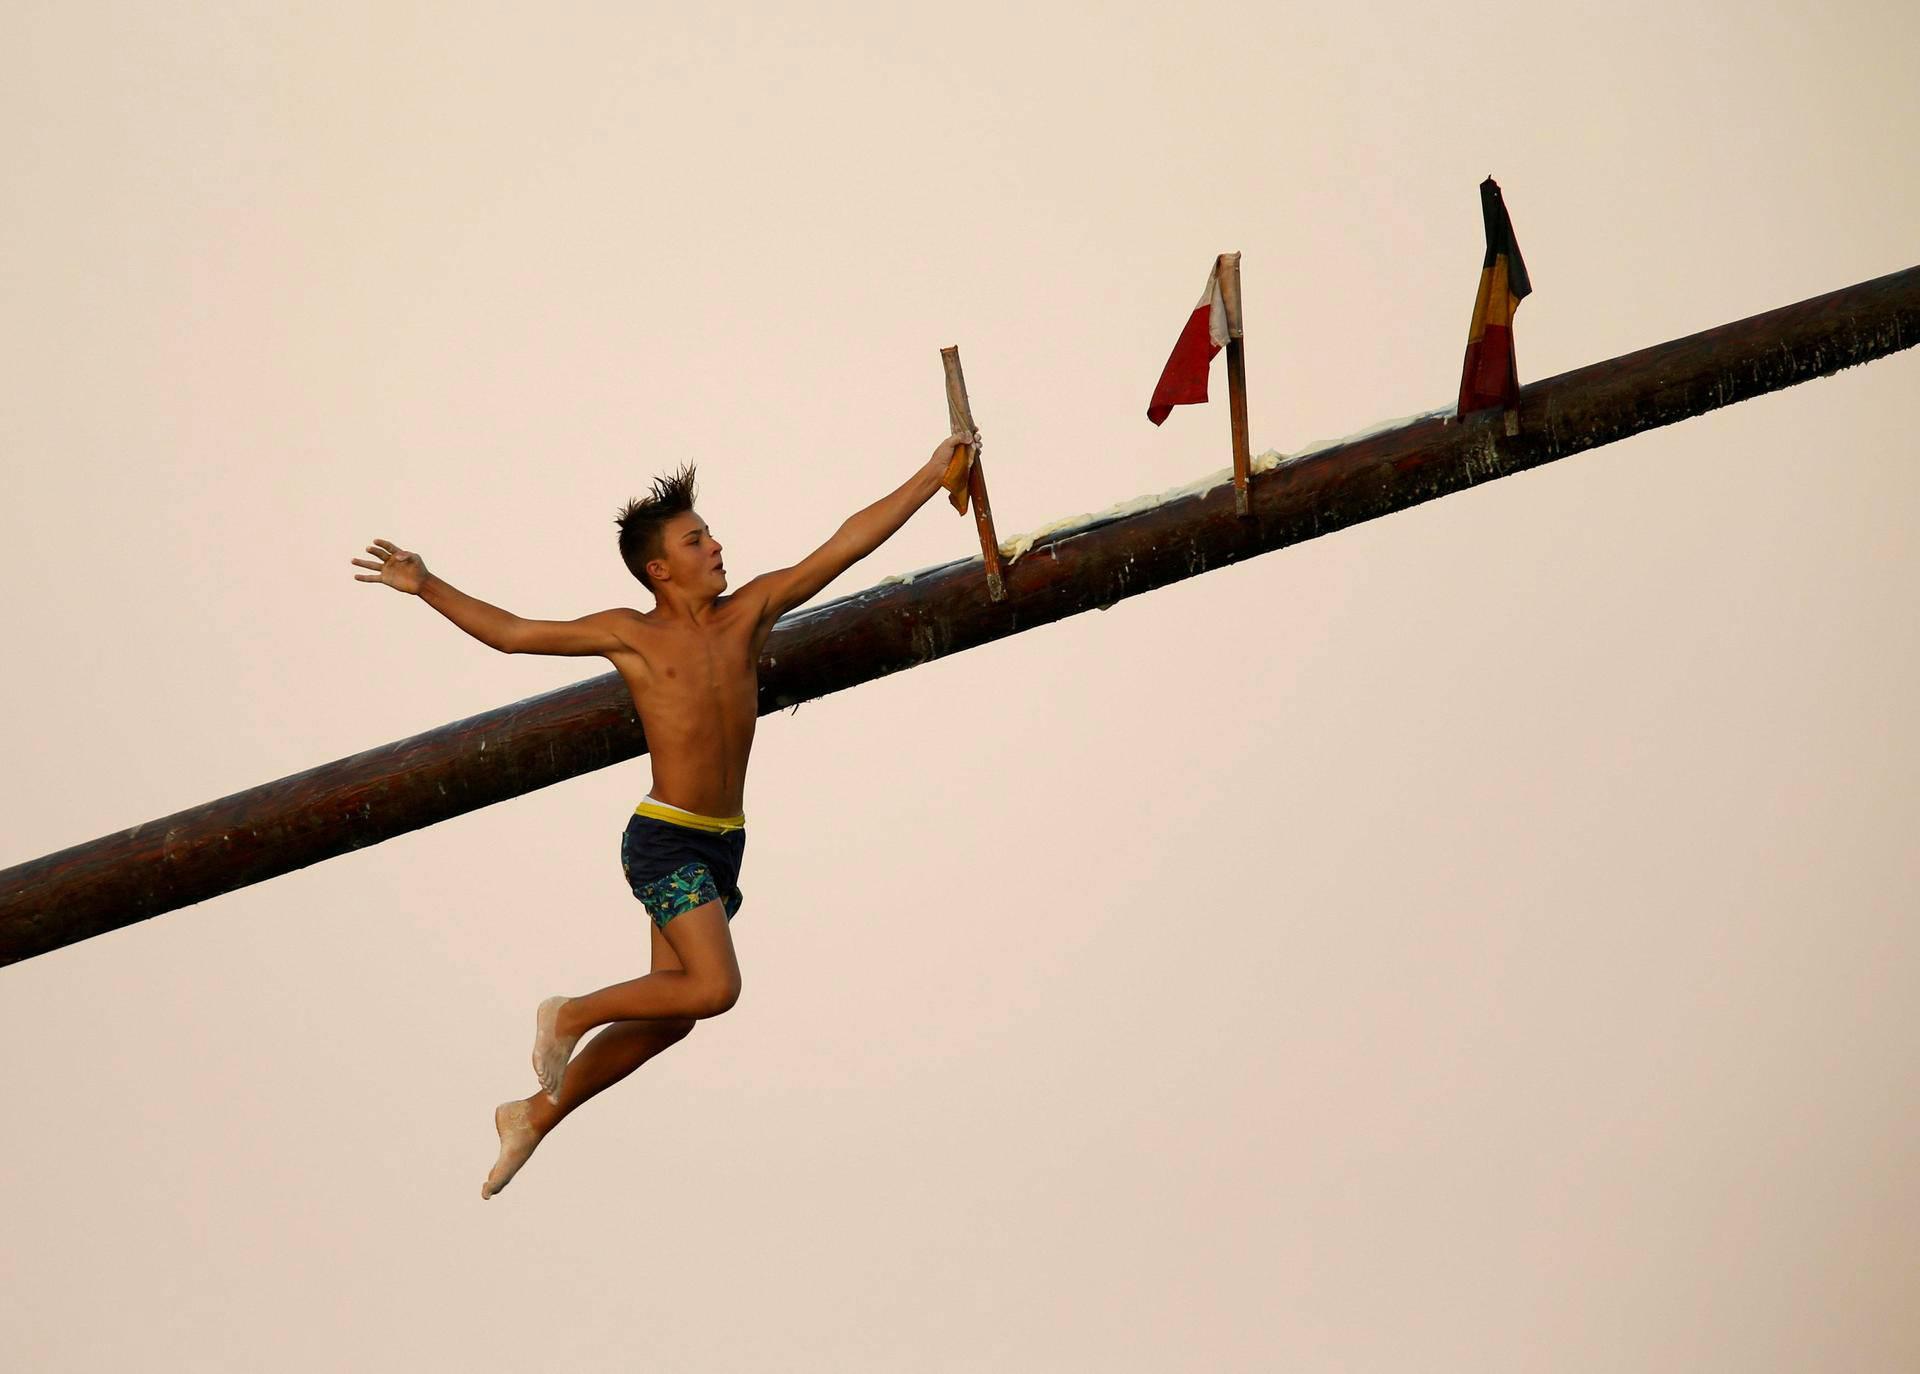 Lapsikilpailija sieppasi lipun pudotessaan puiselta, rasvanpeittämältä paalulta St. Julianin kaupungin suojelijan Pyhän Julianin juhlallisuuksissa. Kyseessä on 1800-luvulta periytyvä leikki, jossa kilpailijat yrittävät kiivetä liukkaan paalun huipulle hakemaan lippua.